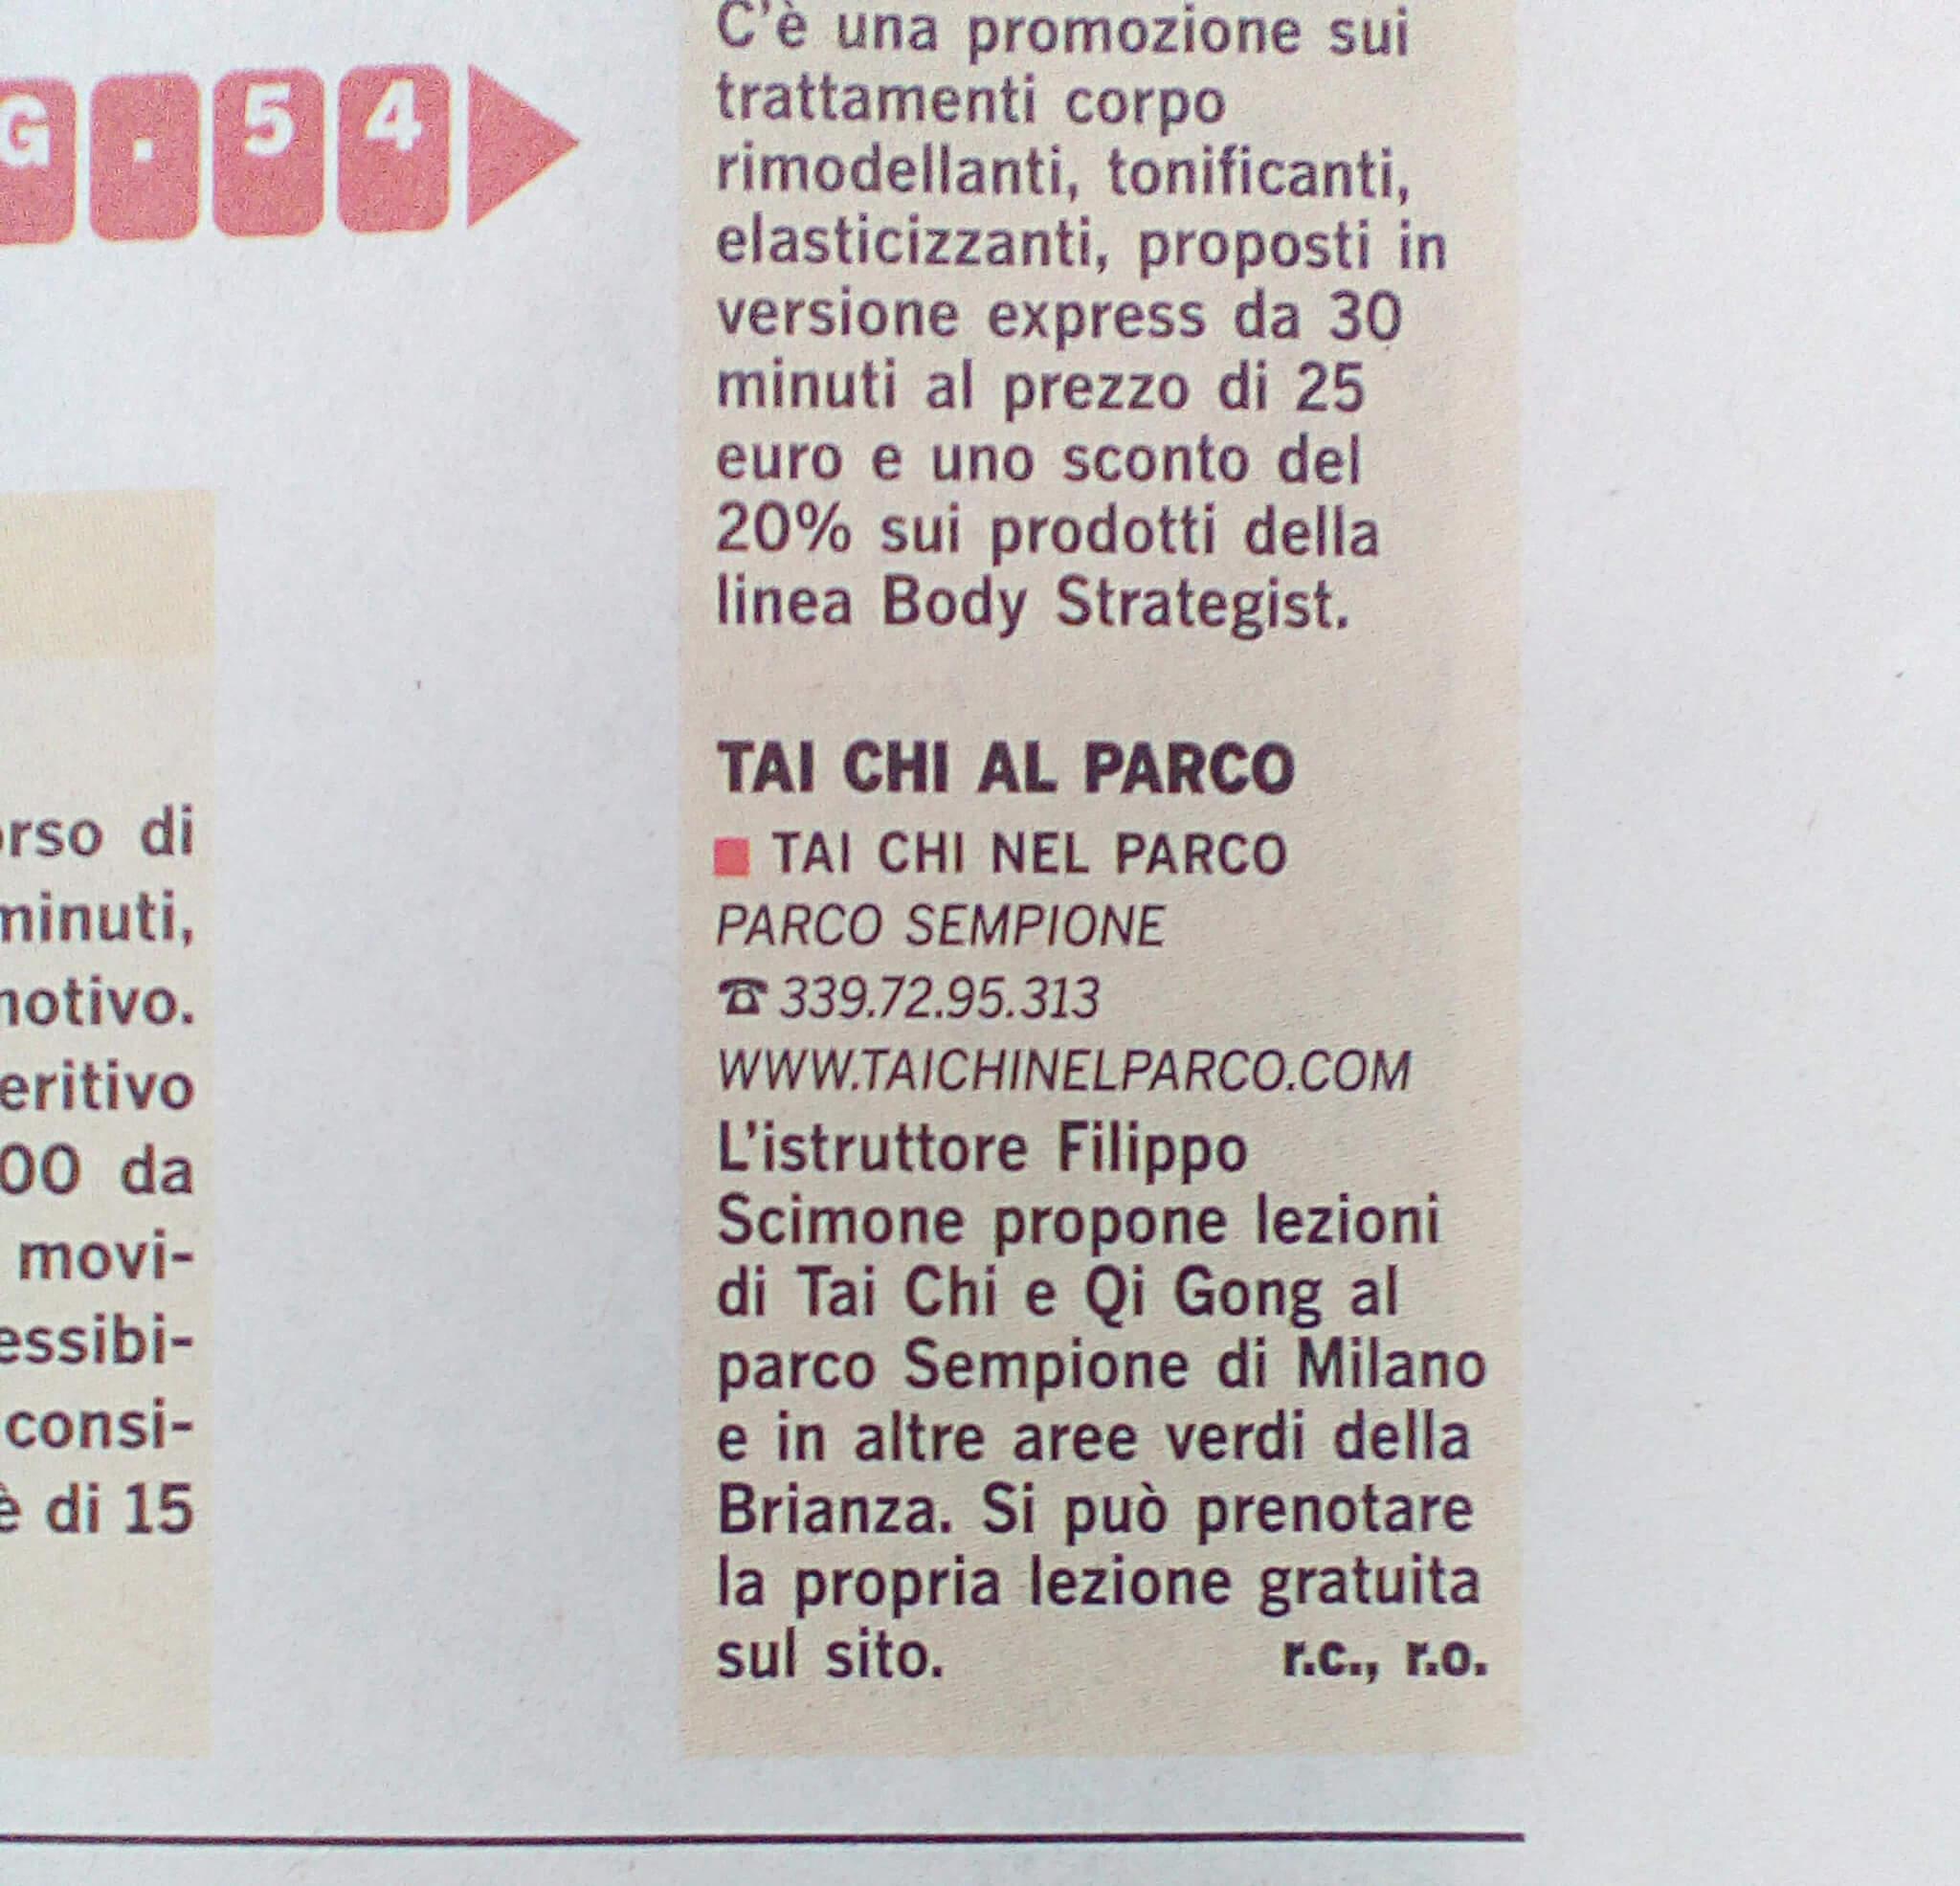 Sul ViviMilano del Corriere della Sera Parlano del Tai Chi nel Parco istruttore Filippo Scimone Panajia